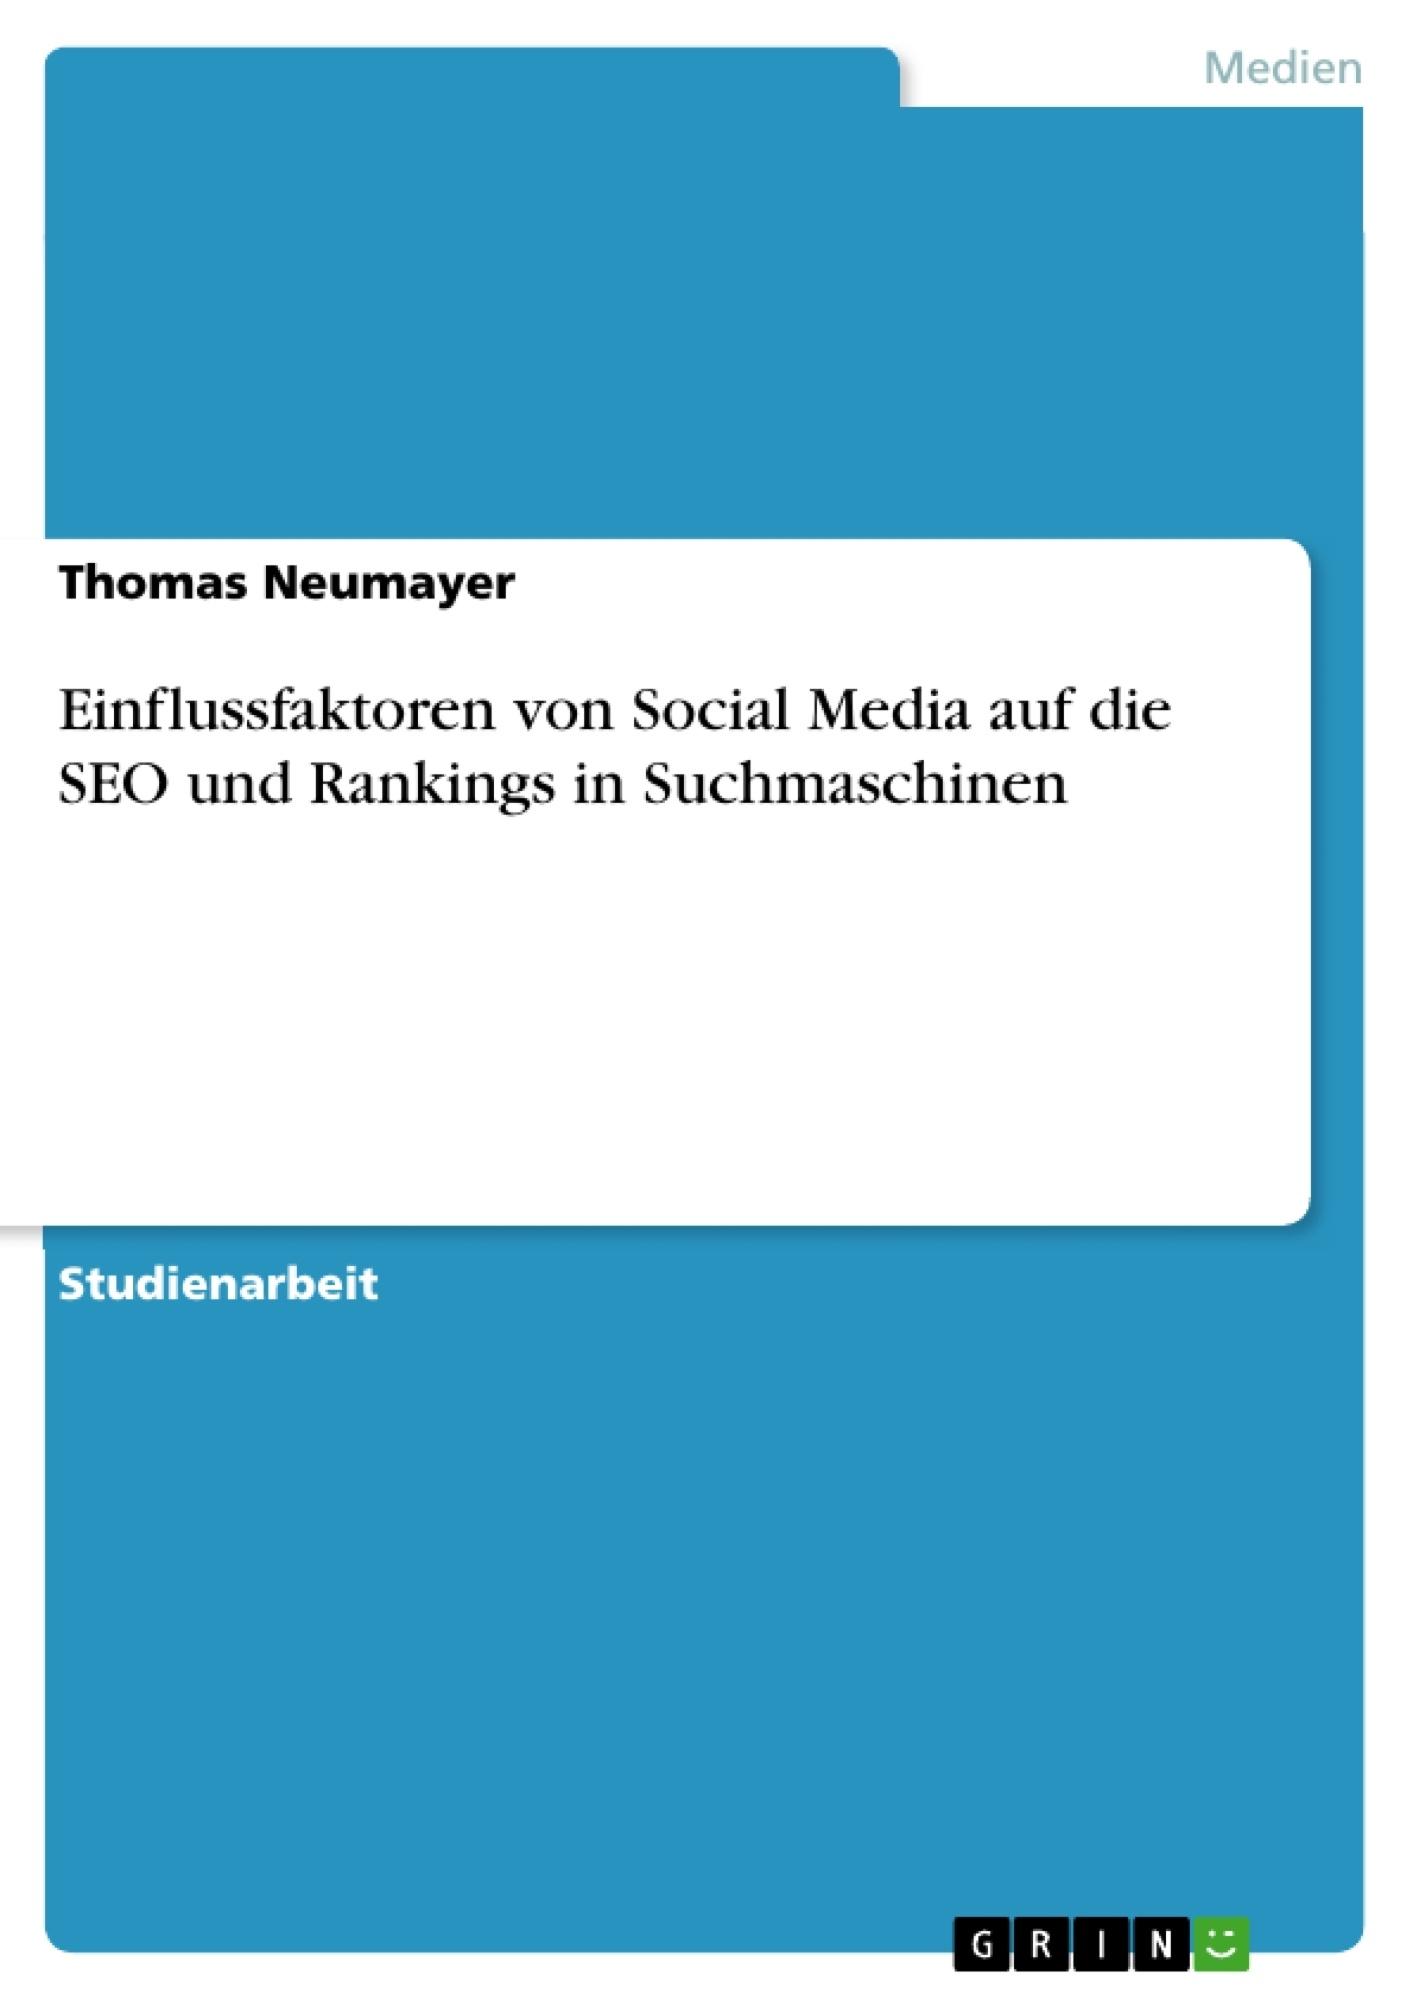 Titel: Einflussfaktoren von Social Media auf die SEO und Rankings in Suchmaschinen